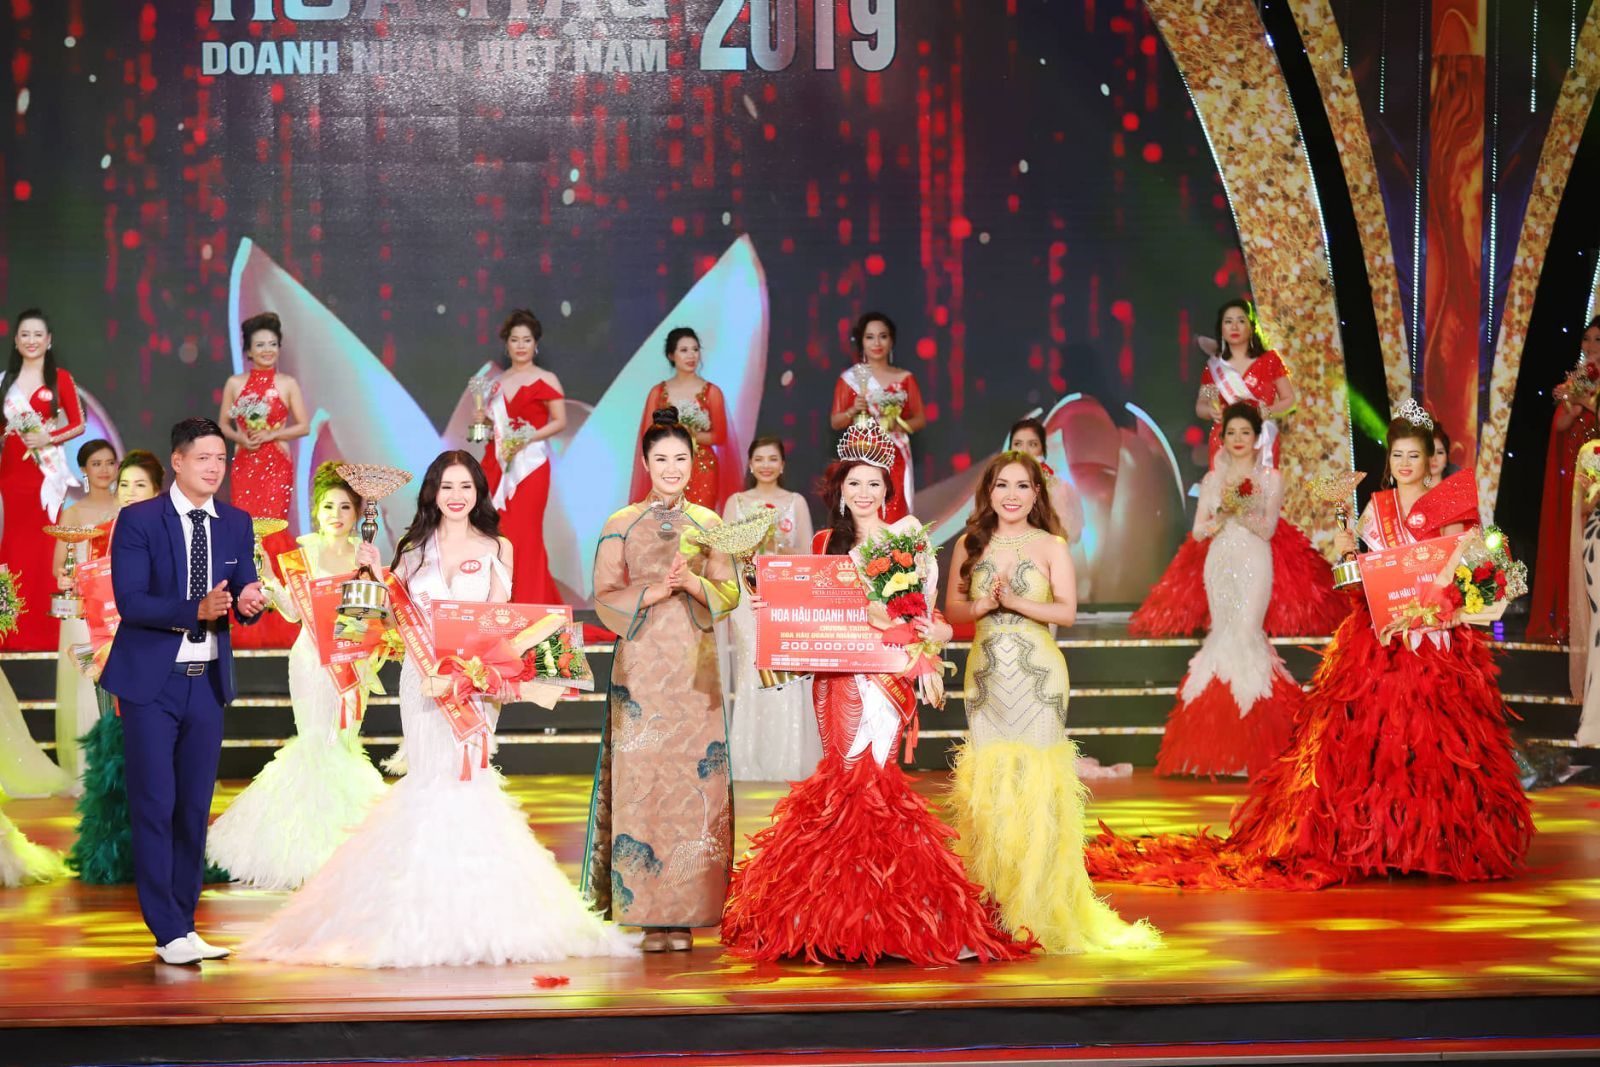 Tôn vinh Hoa hậu Doanh nhân Việt Nam - đêm gala đầy xúc cảm